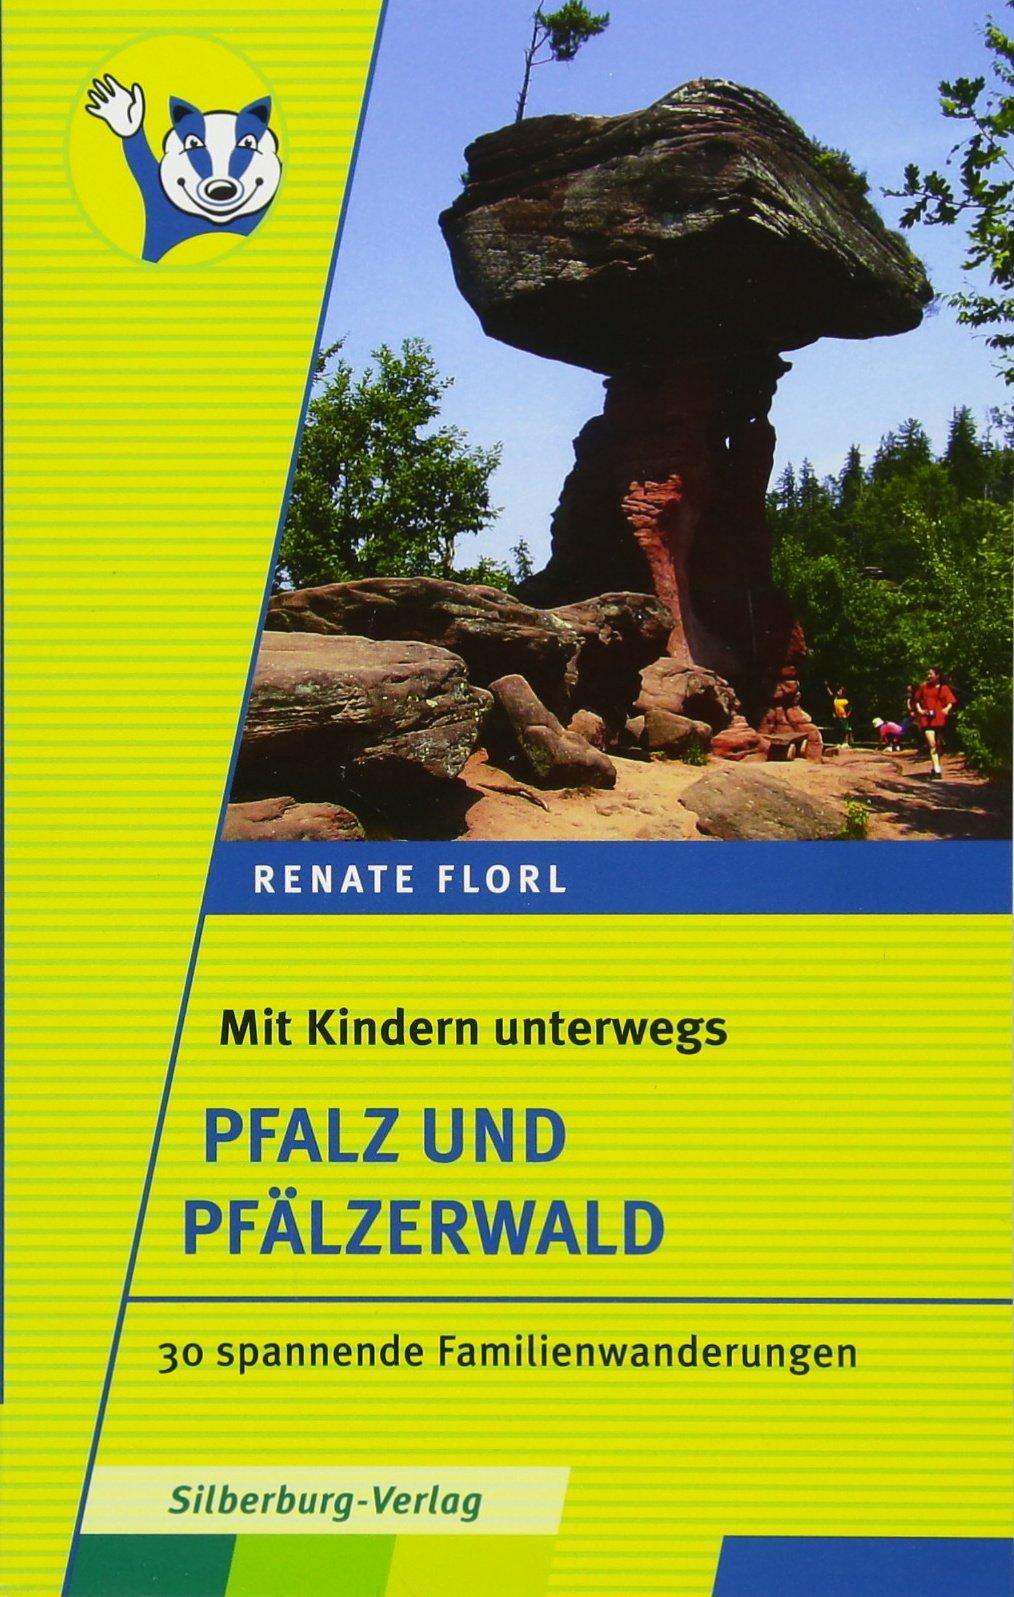 Mit Kinder unterwegs – Pfalz und Pfälzerwald: 30 spannende Familienwanderungen (Mit Kindern unterwegs)